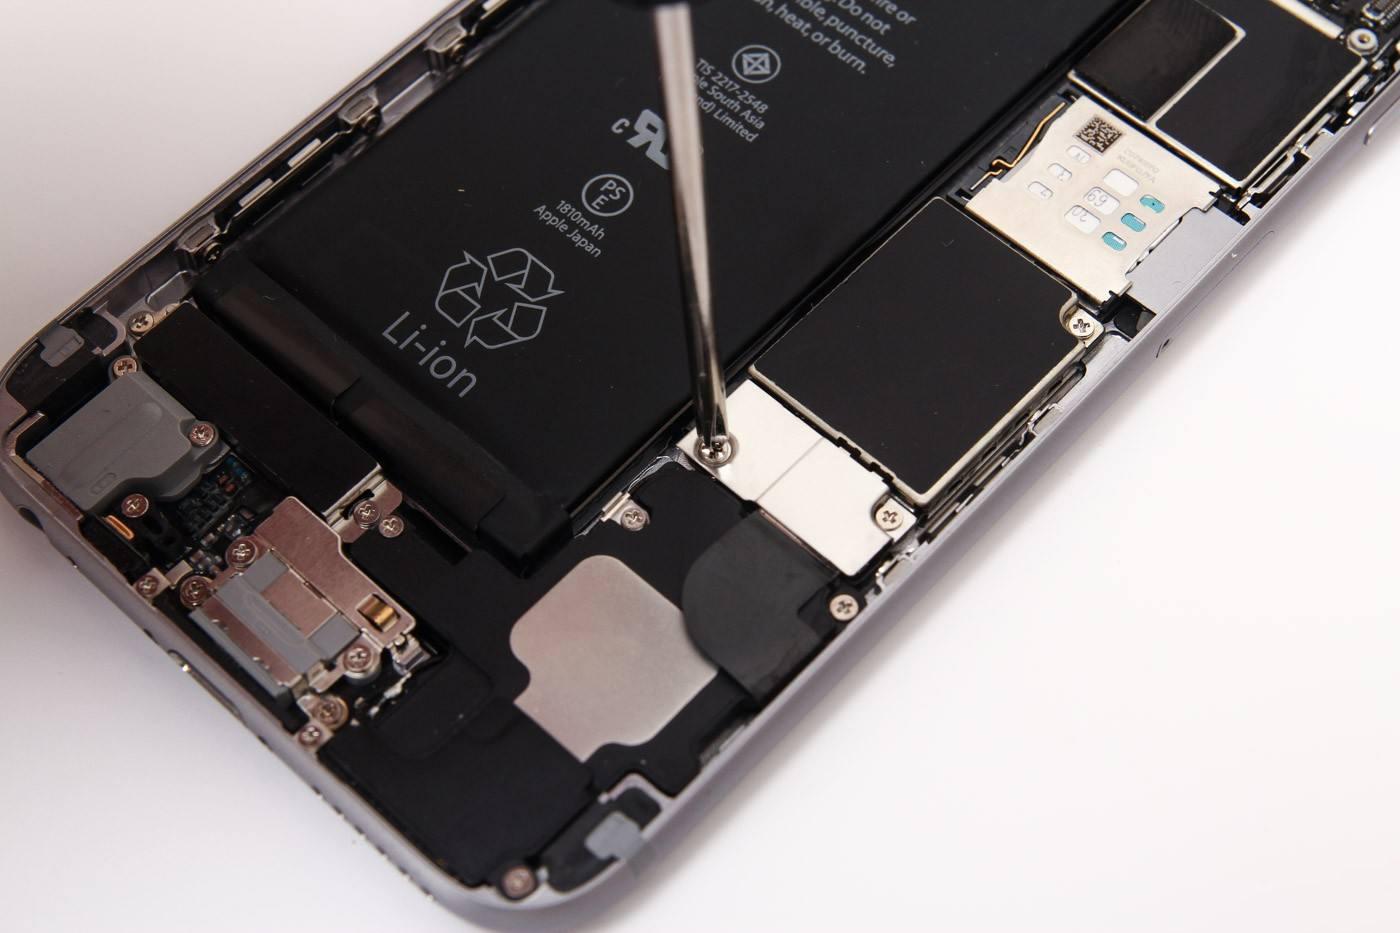 """苹果""""降频门""""后 还有一半以上被调查者原谅苹果"""